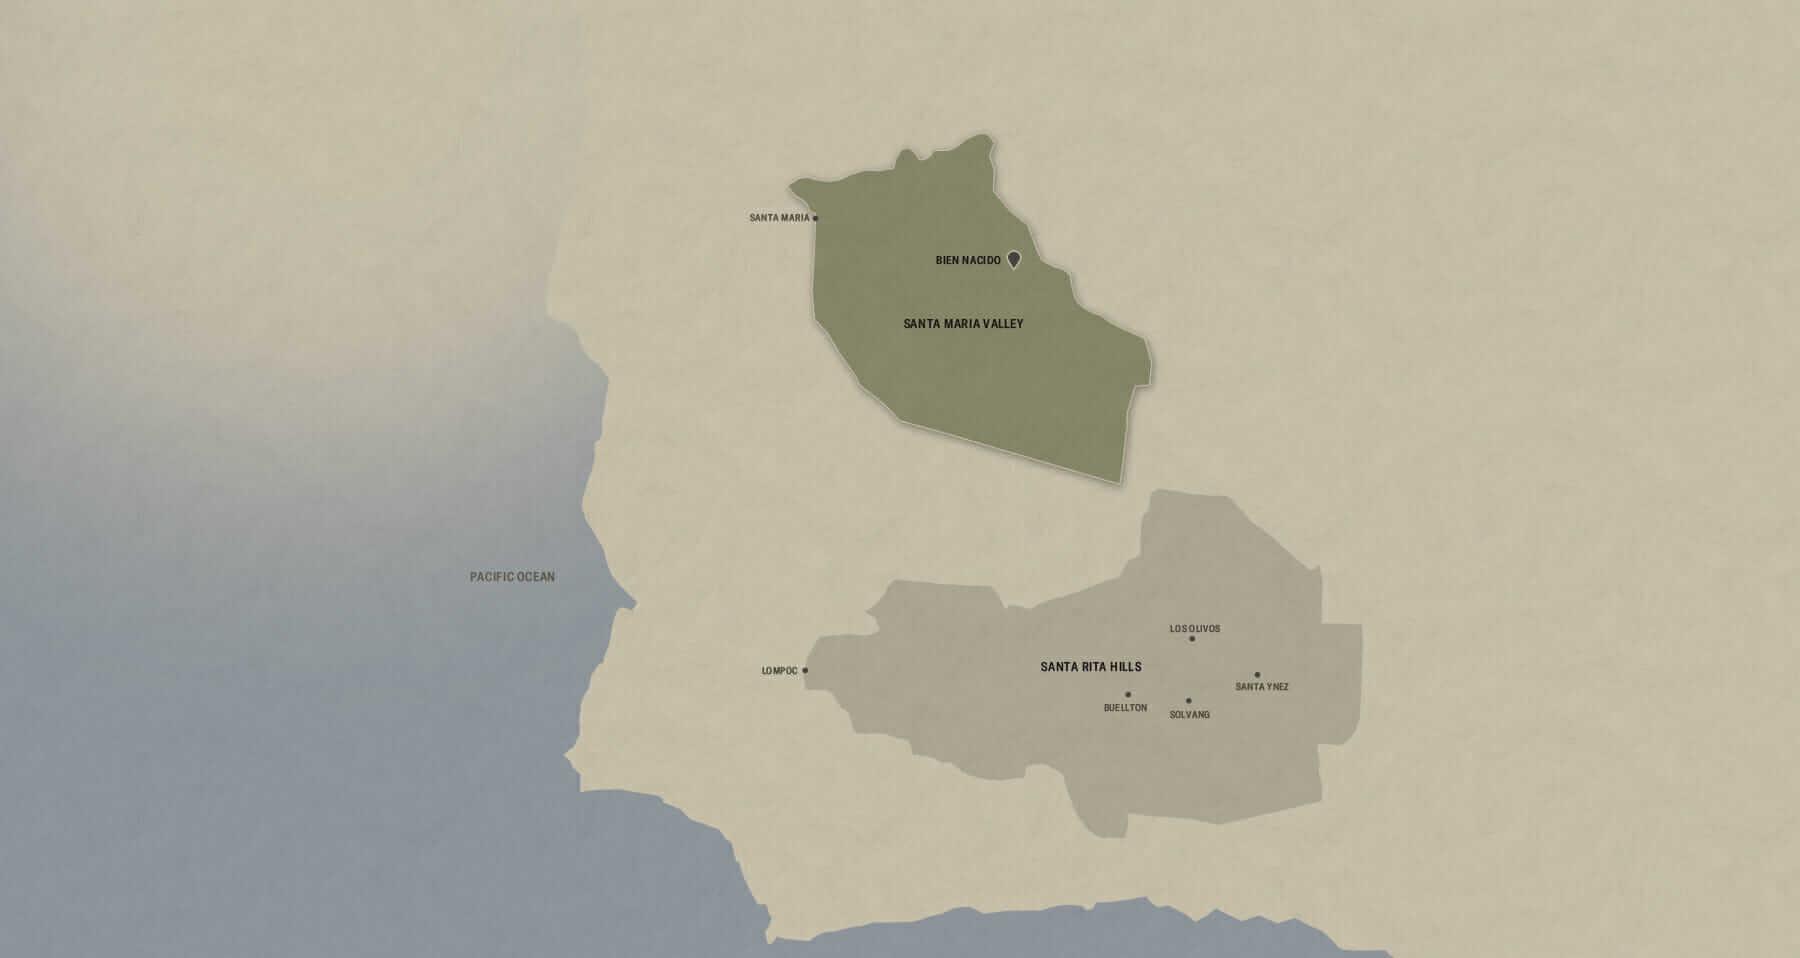 Map of Santa Barbara County AVA with the Santa Maria Valley sub AVA highlighted